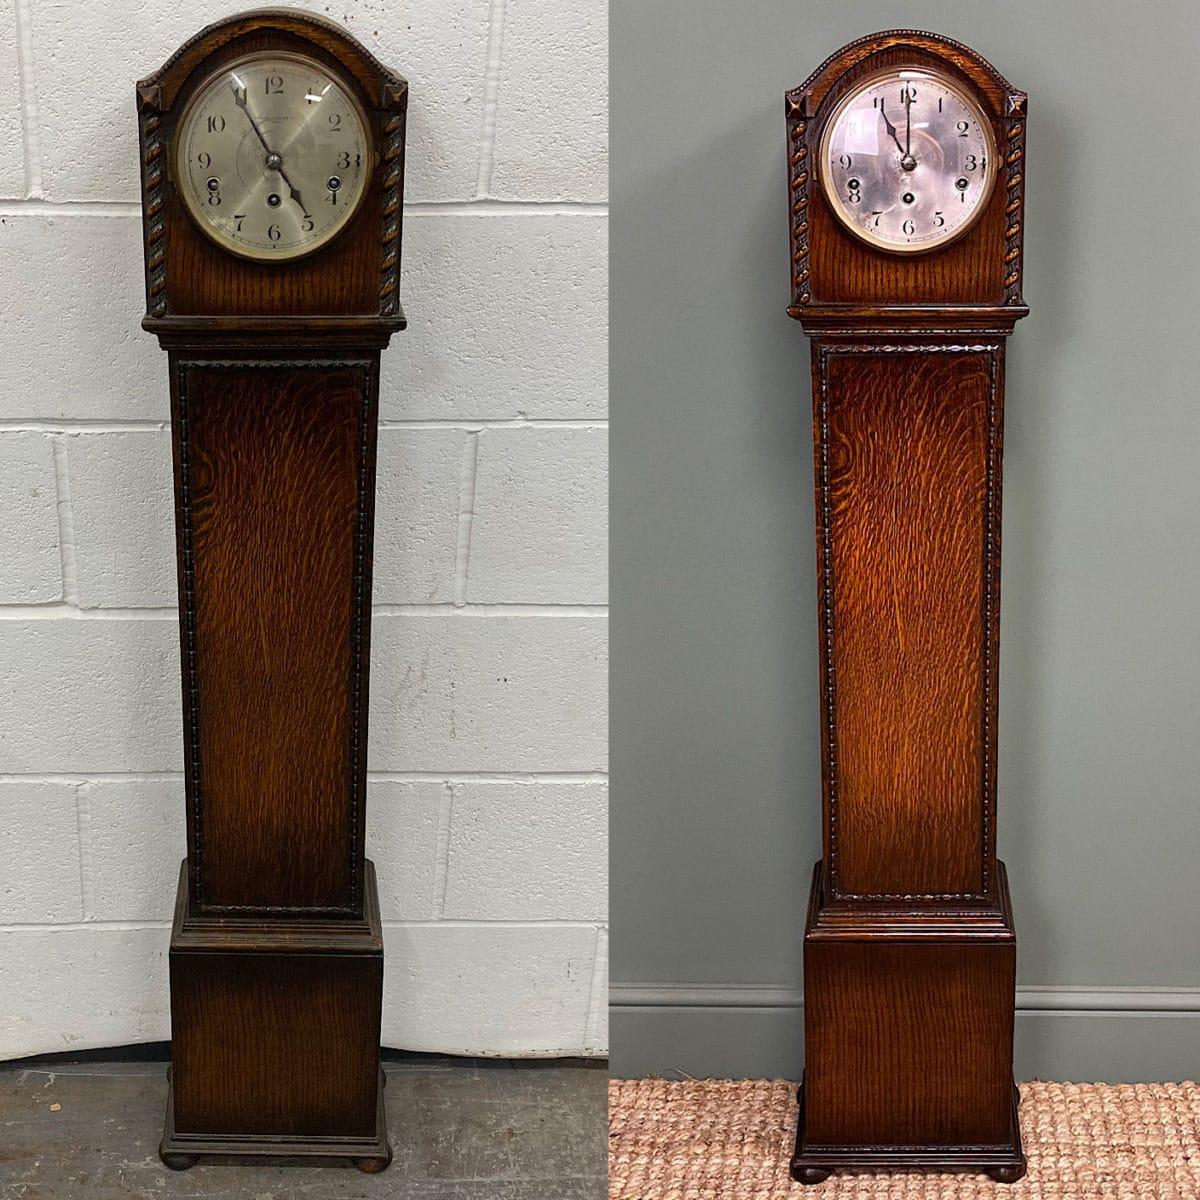 Restore your Antique Clock